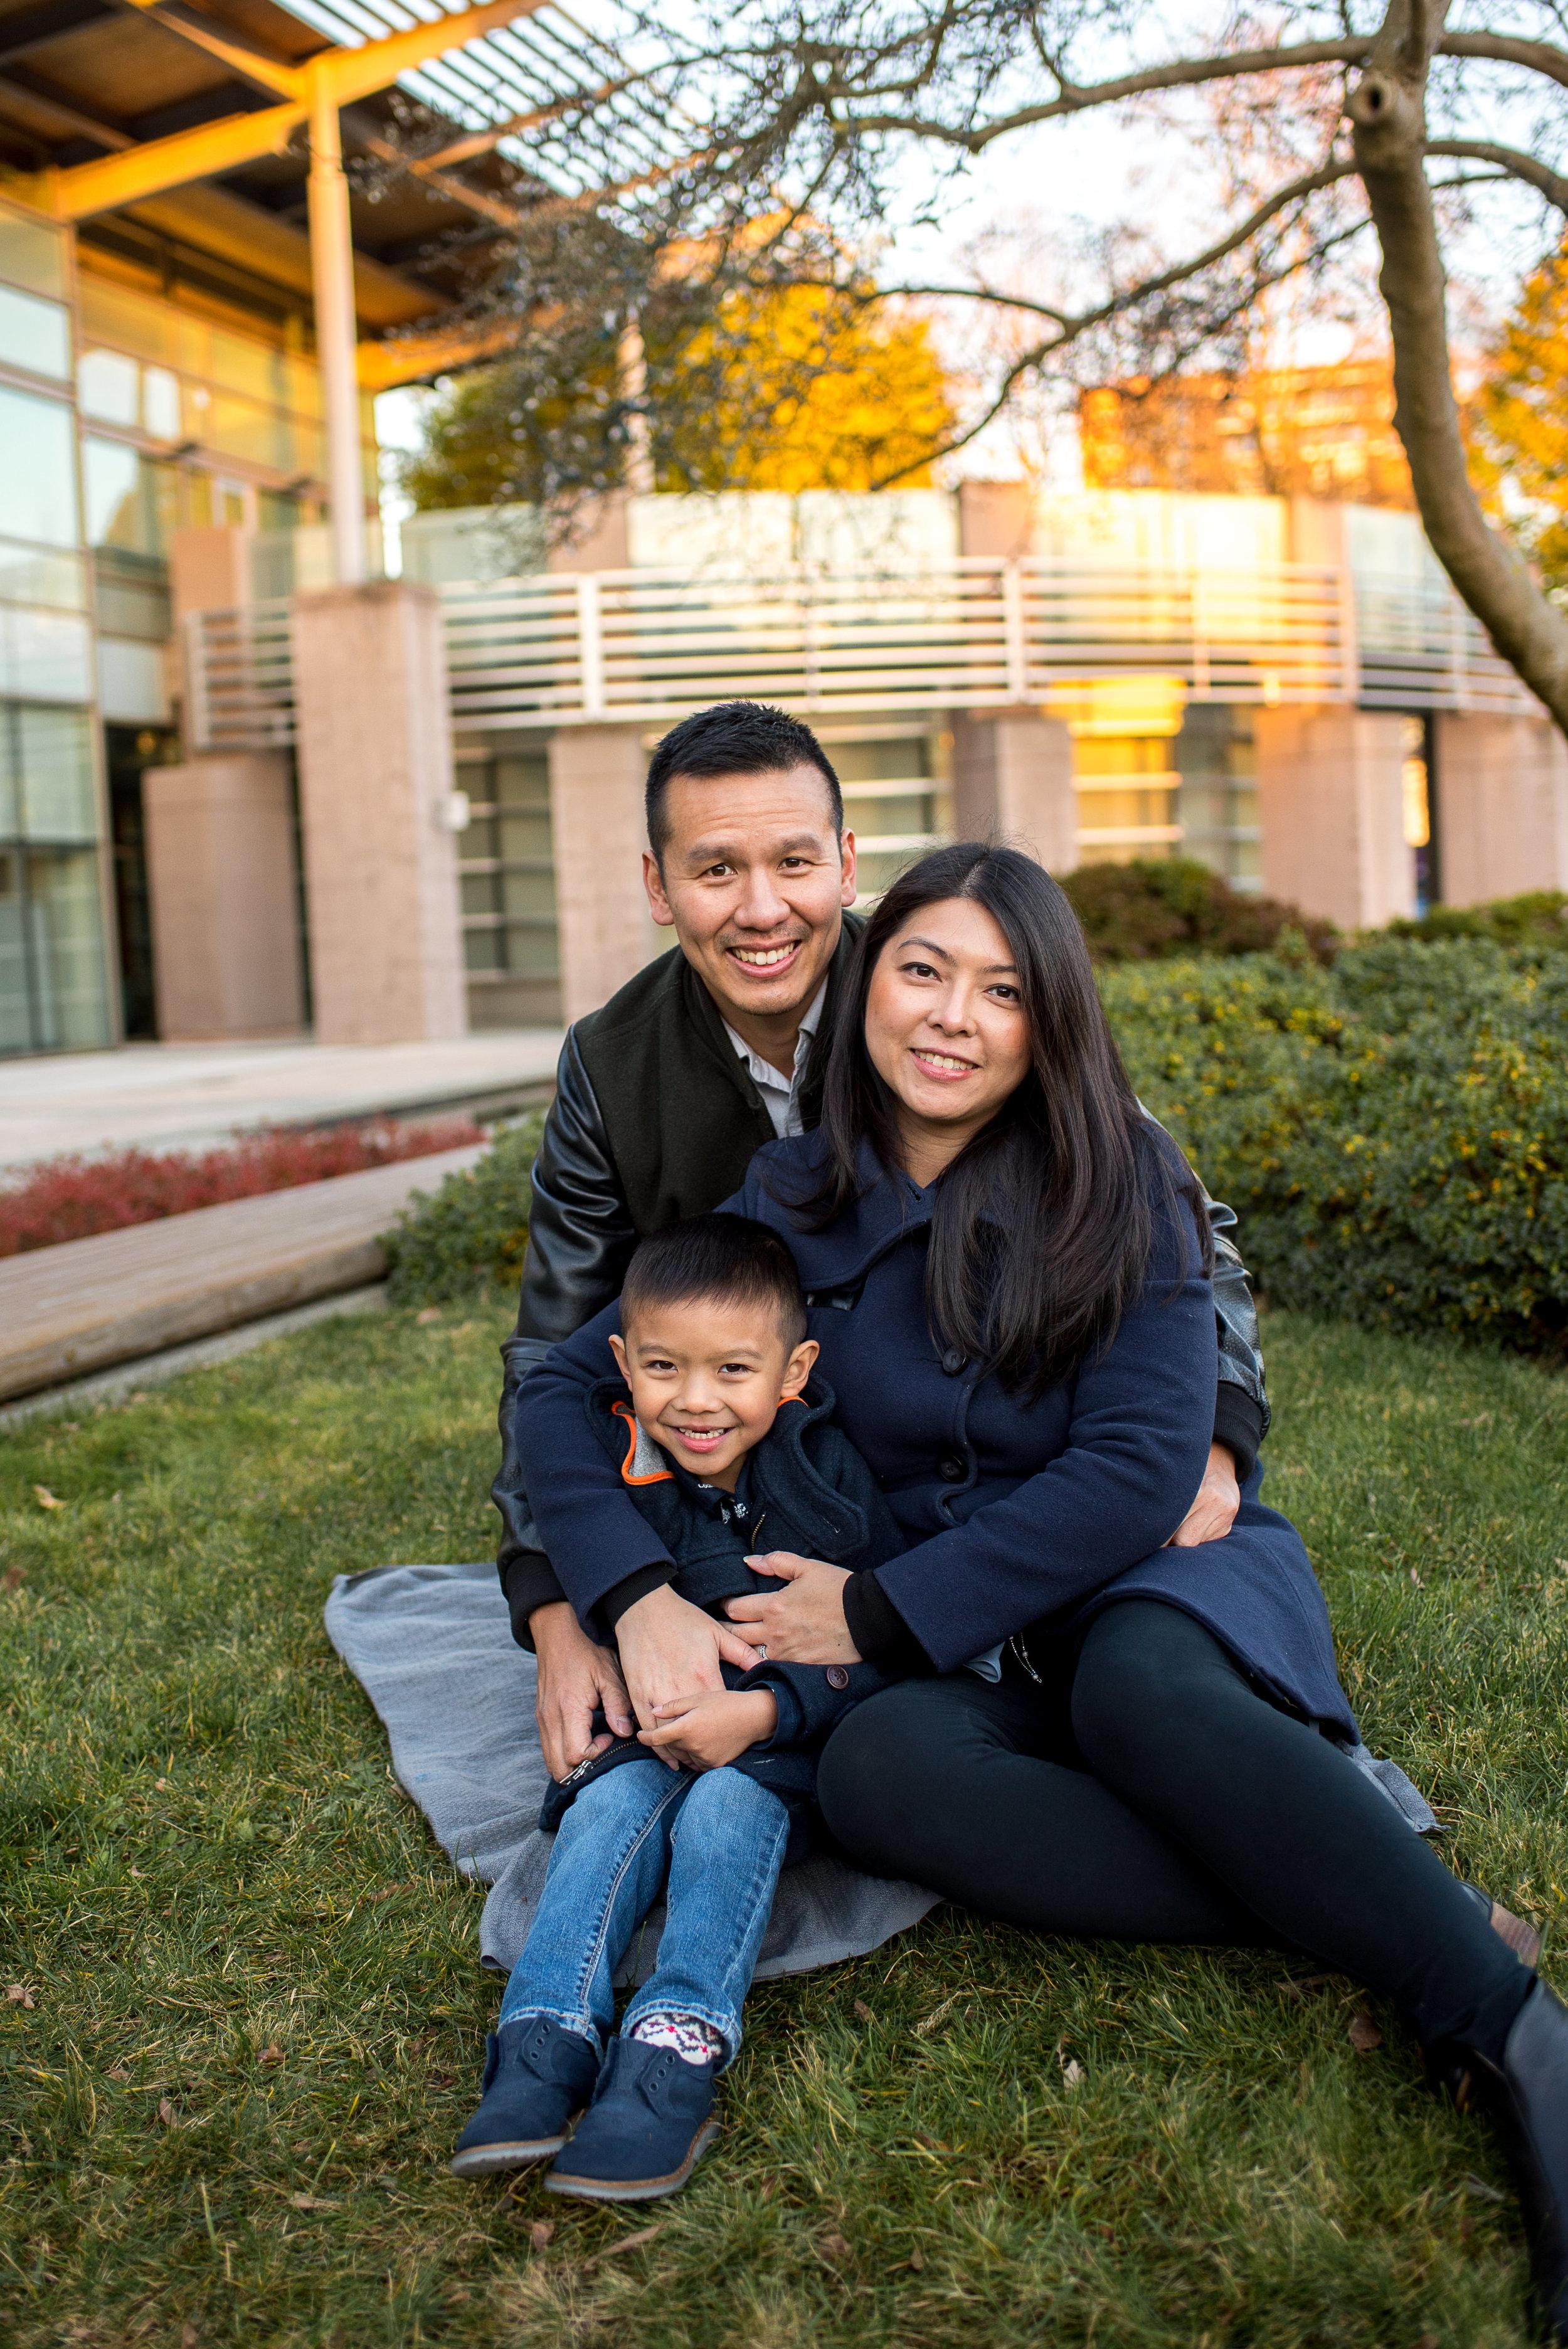 Richmond Family Photographer34.JPG